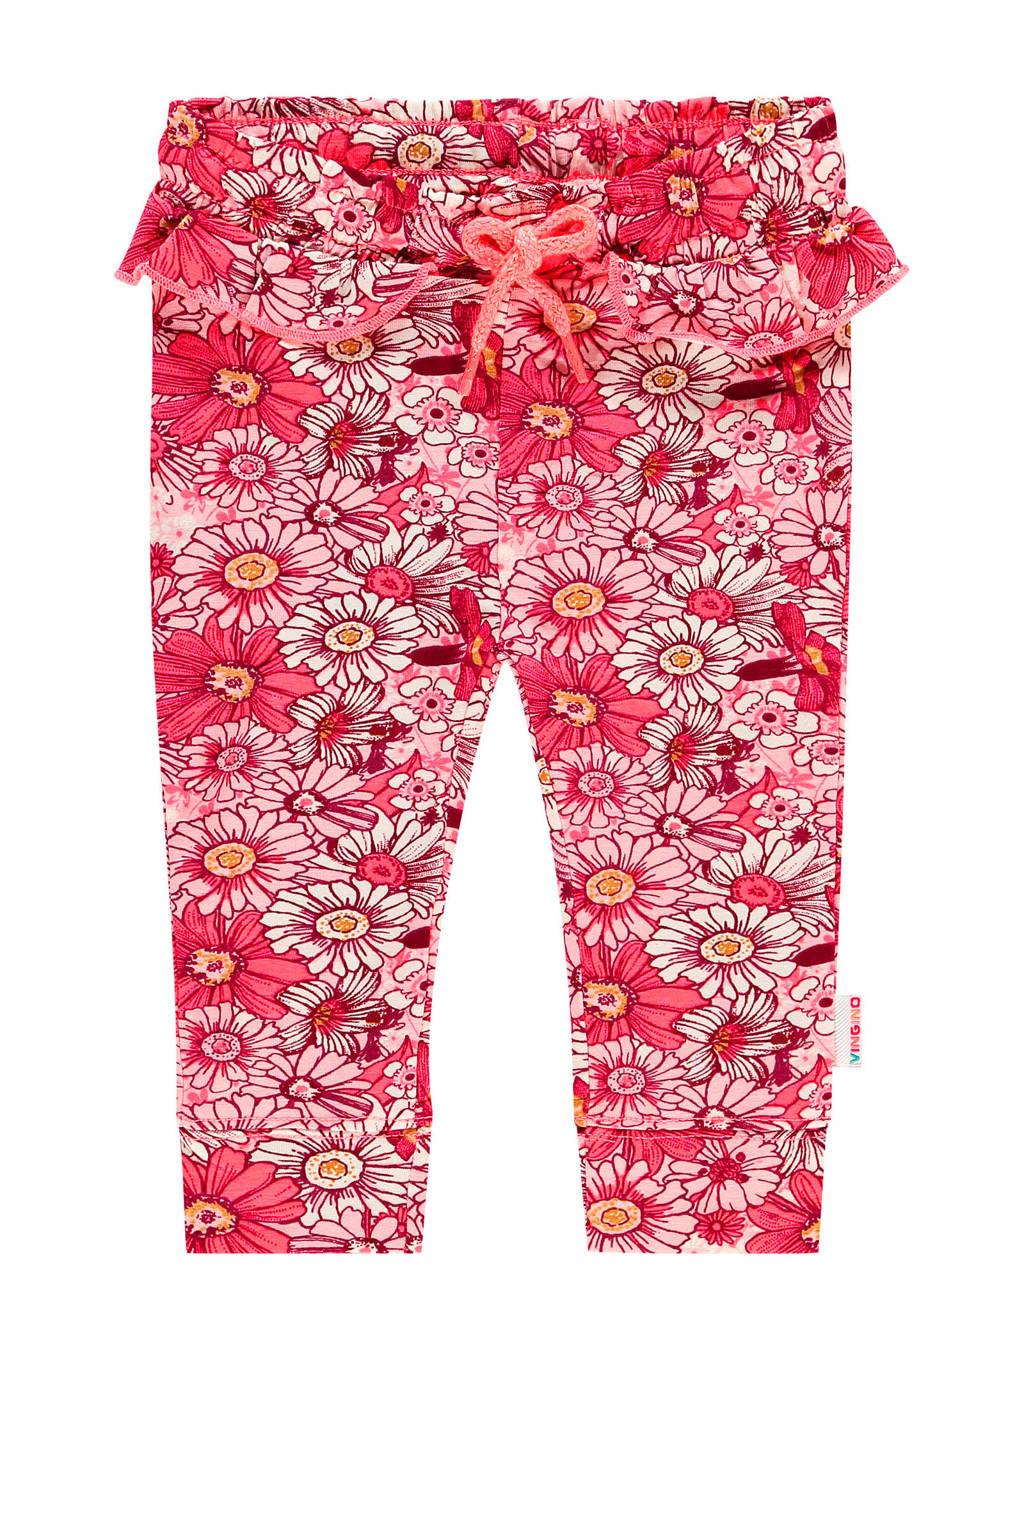 Vingino gebloemde broek Sterre mini rood/roze, Rood/roze